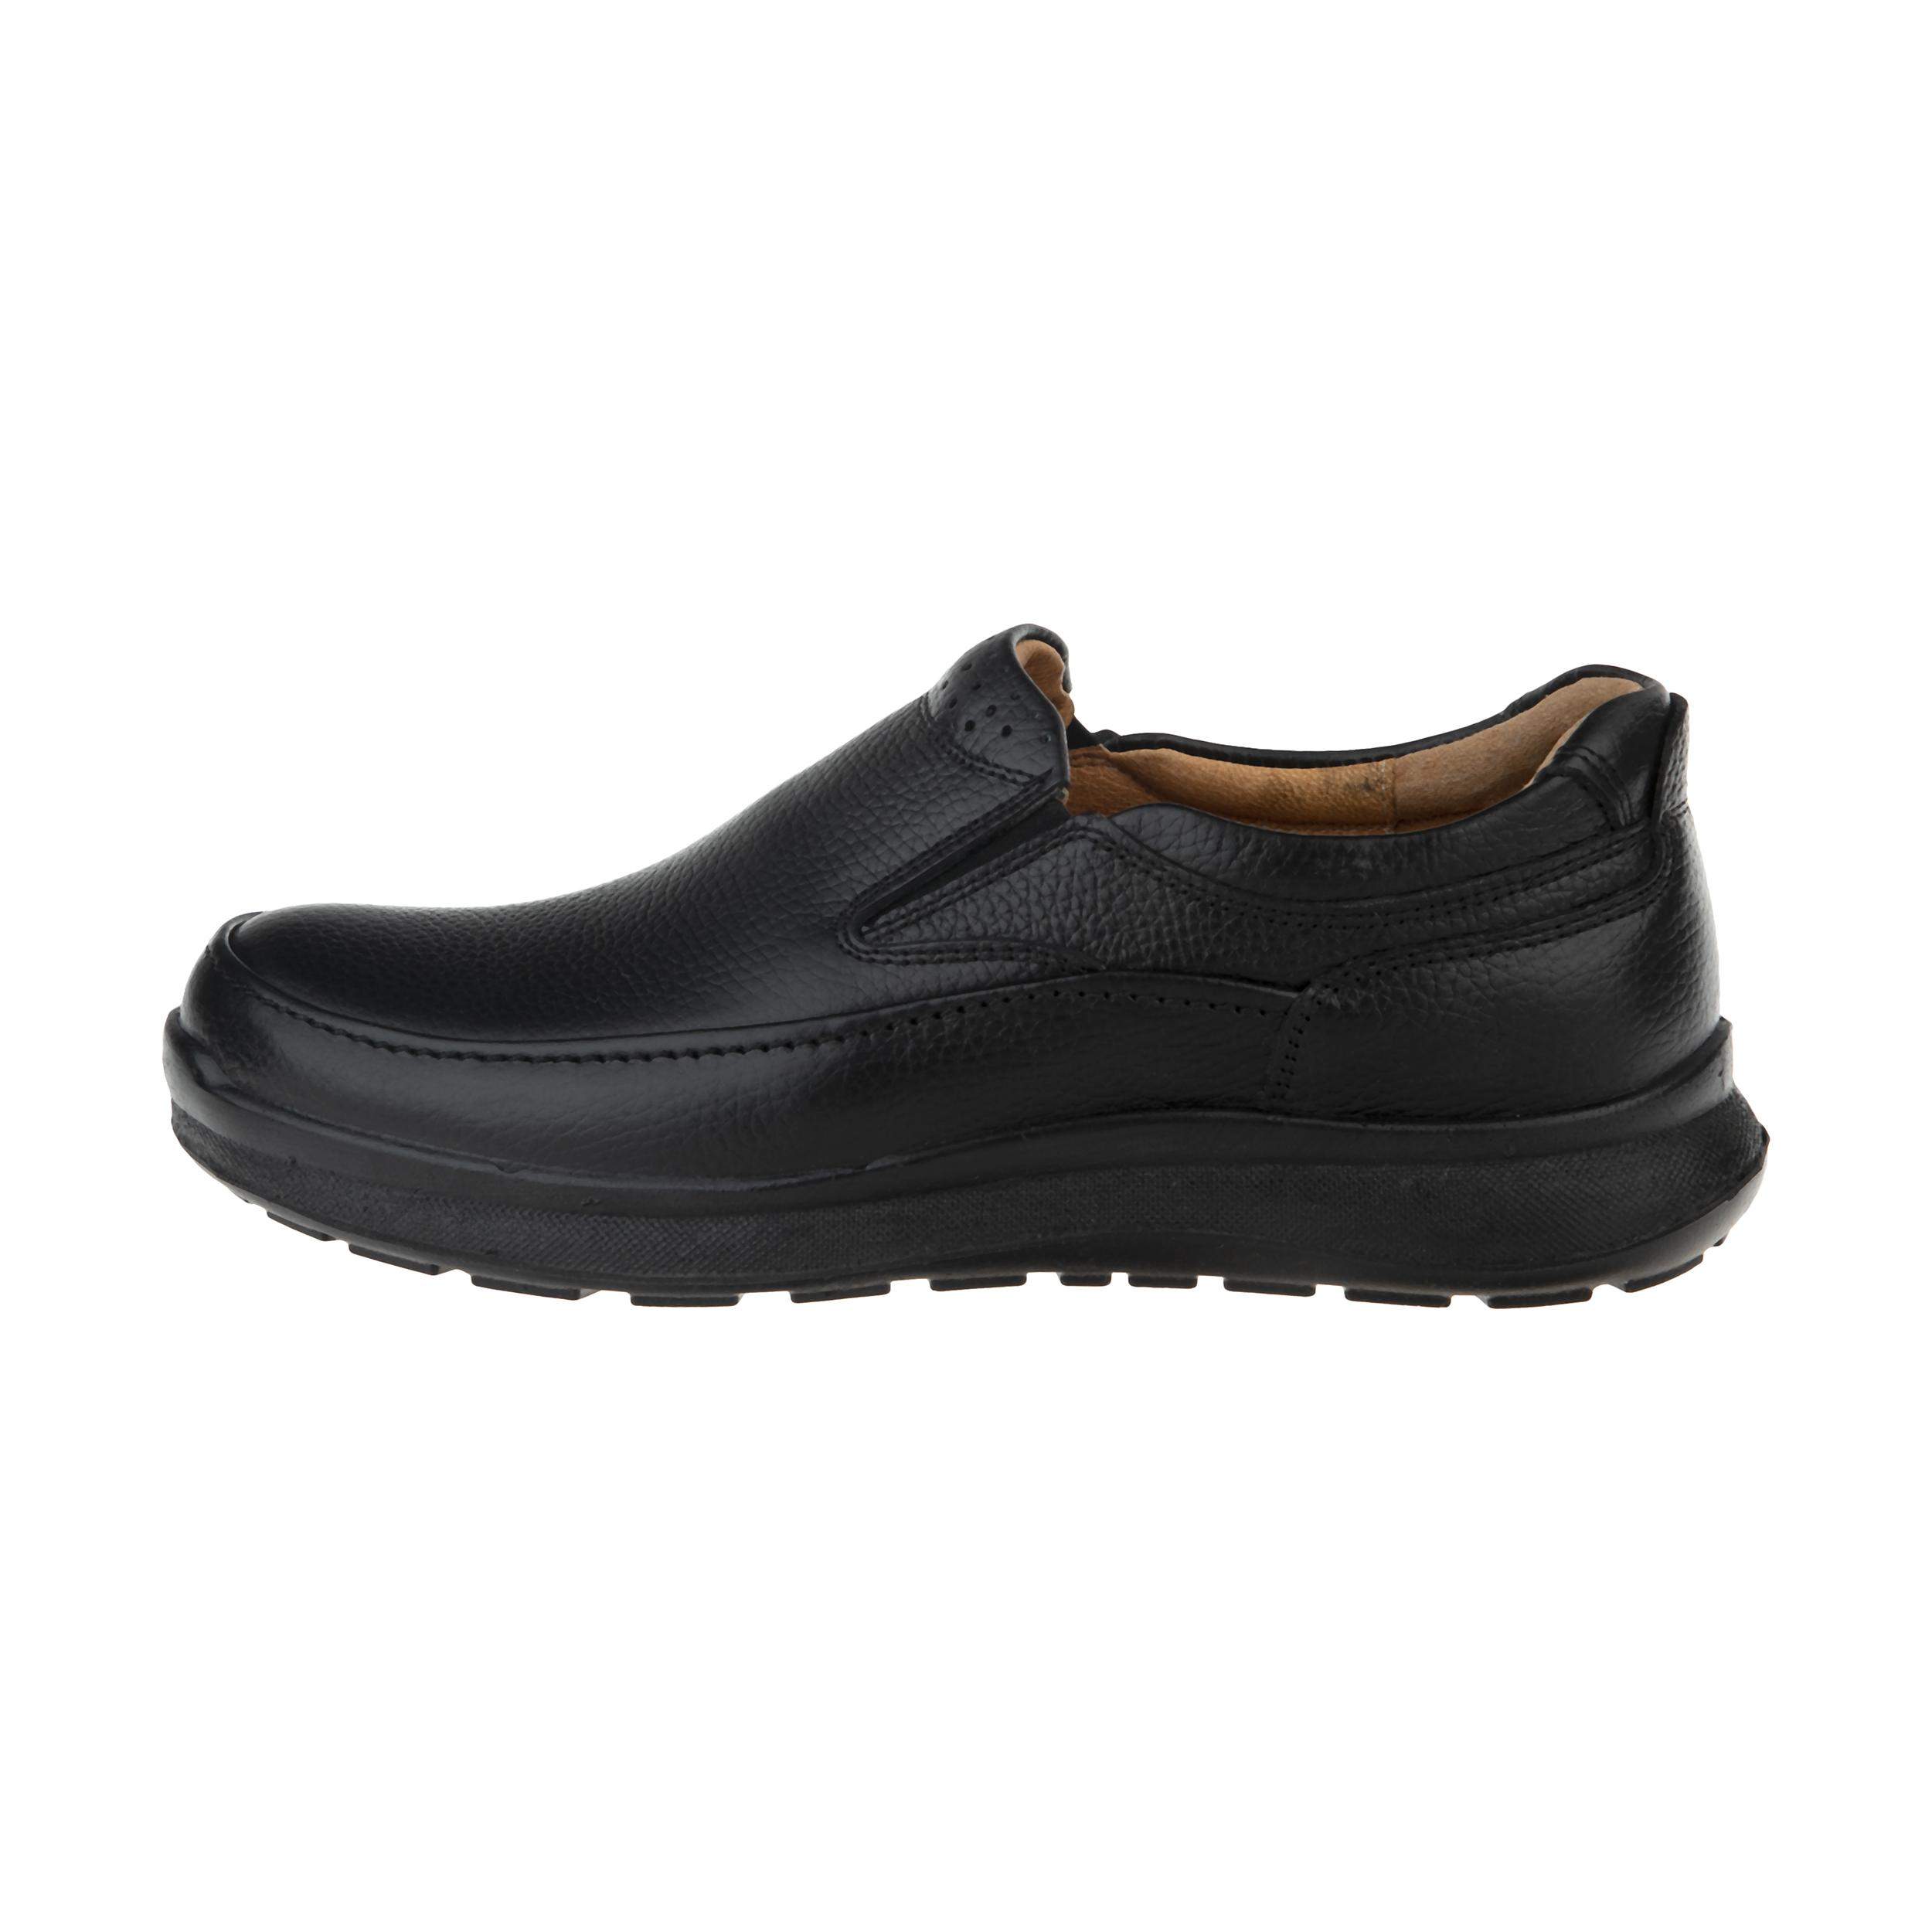 کفش روزمره مردانه شیفر مدل 7255B503101